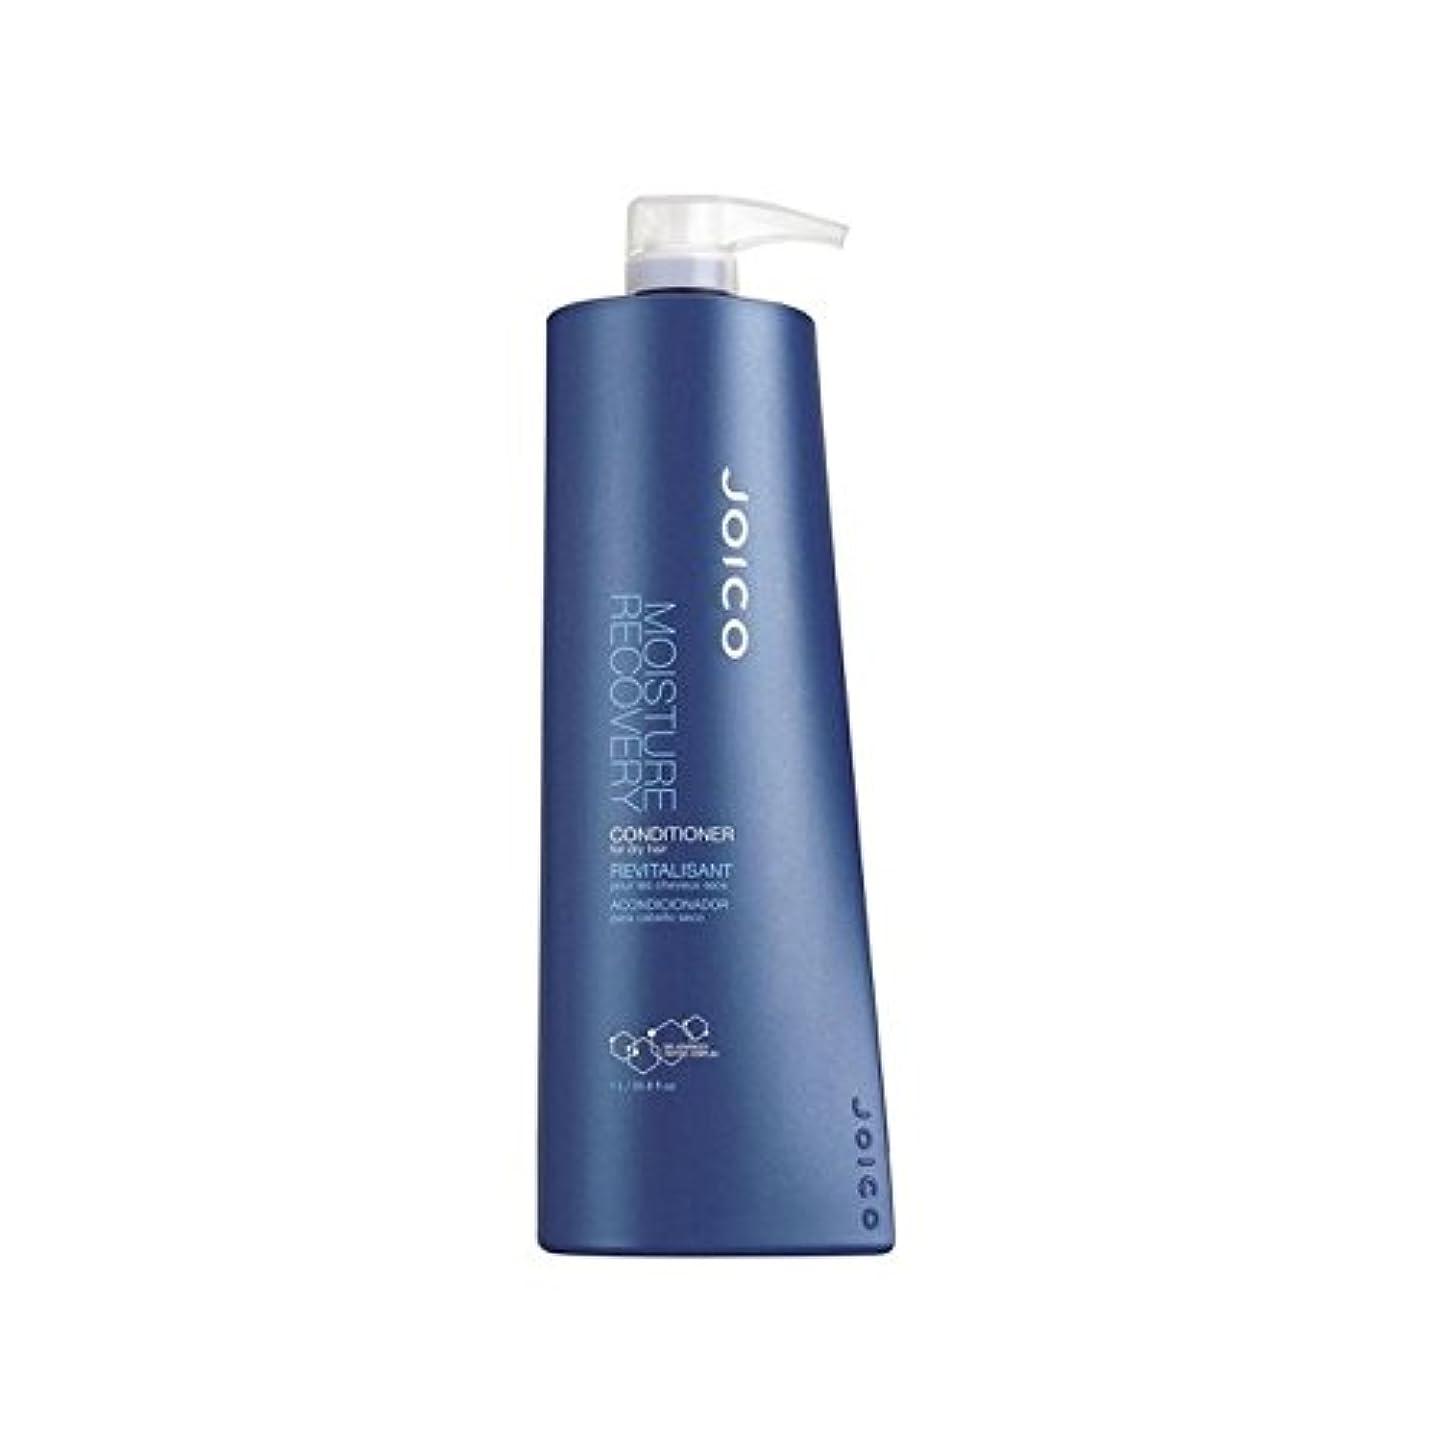 概要と比類のないJoico Moisture Recovery Conditioner For Dry Hair (1000ml) - 乾いた髪用ジョイコ水分回復コンディショナー(千ミリリットル) [並行輸入品]